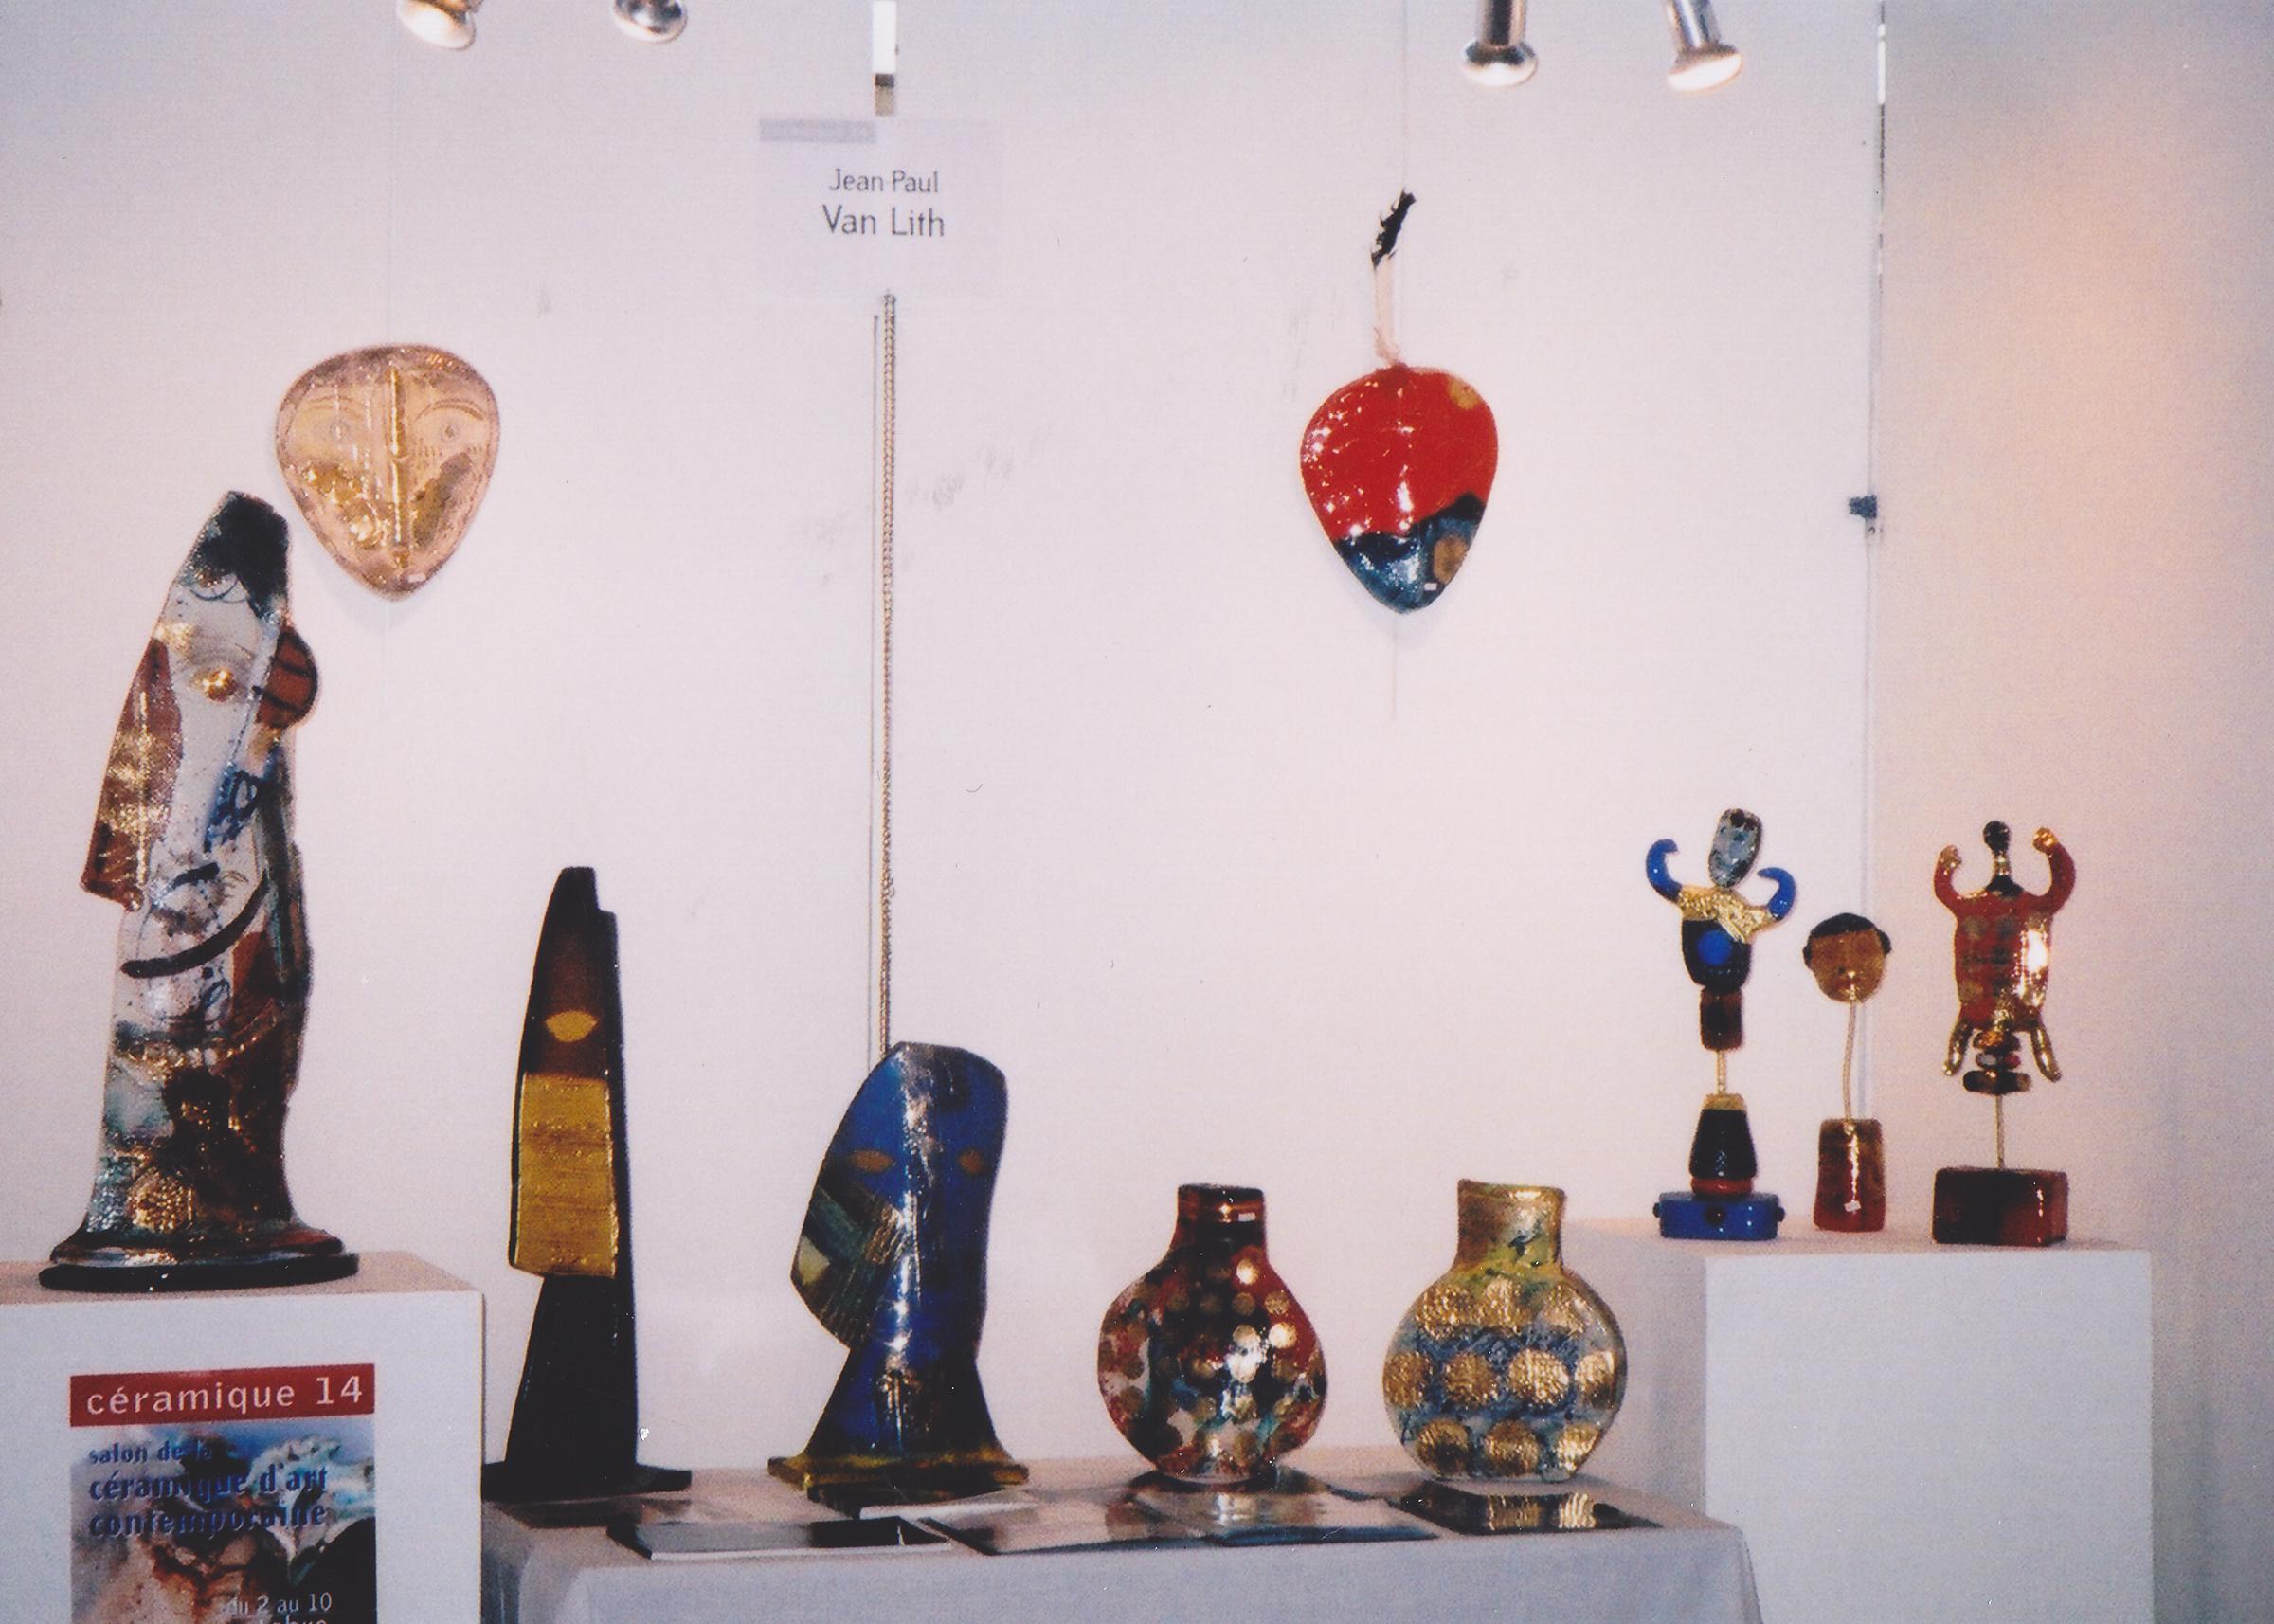 ceramique 14 caroussel copy-21.jpg